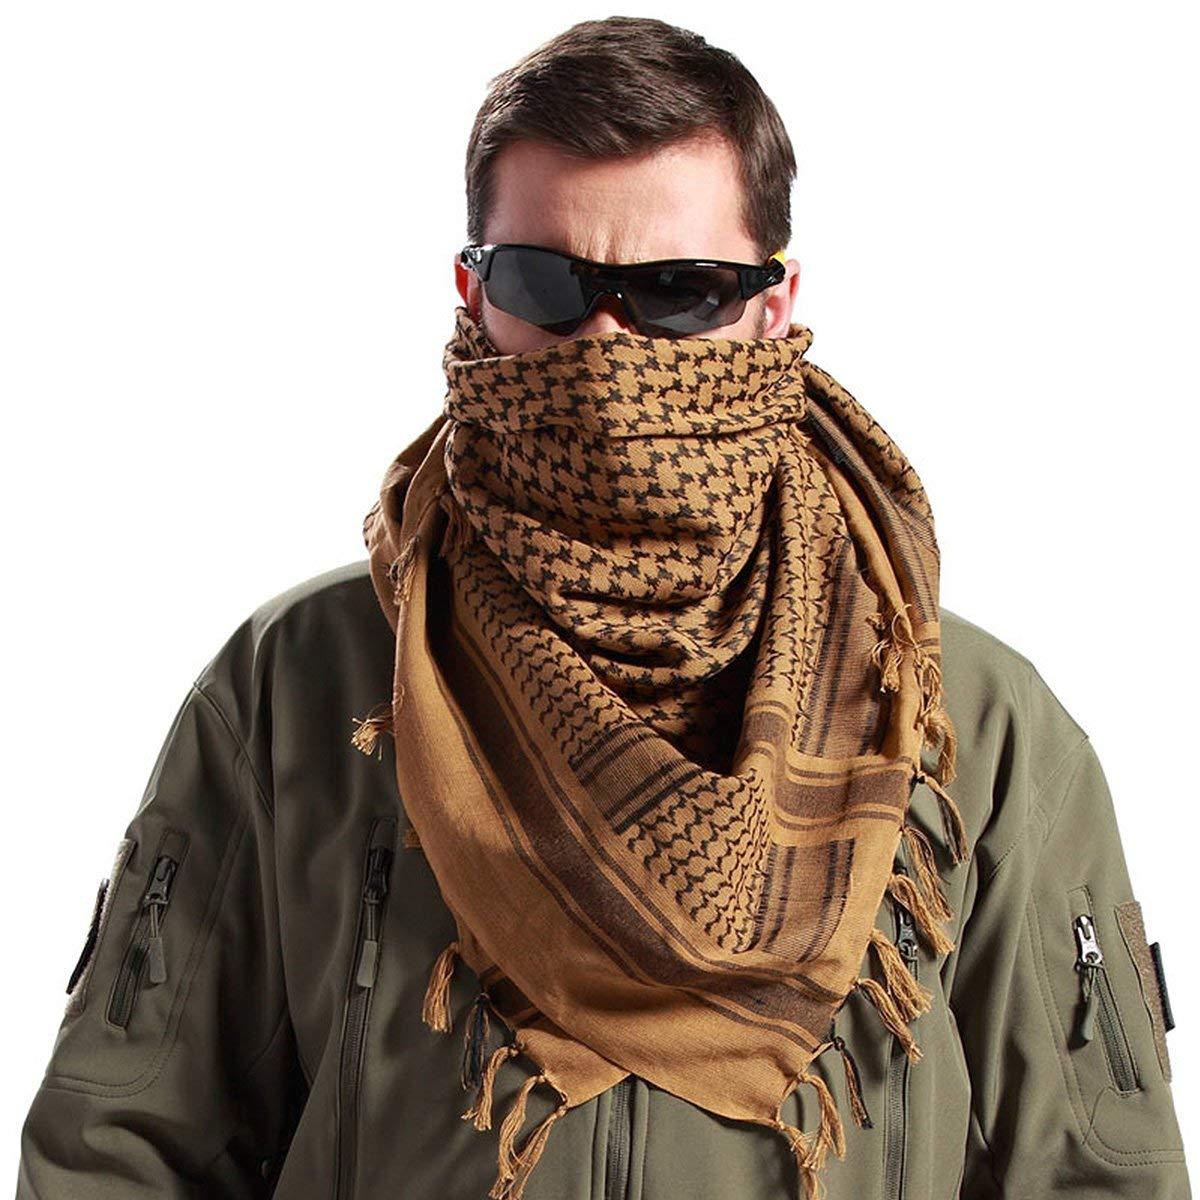 FREE SOLDIER 100/% Baumwolle Milit/är Schal 110cm x 110cm Tactical Desert Shemagh Pal/ästinensertuch-Schal Wrap F/ür M/änner /& Frauen